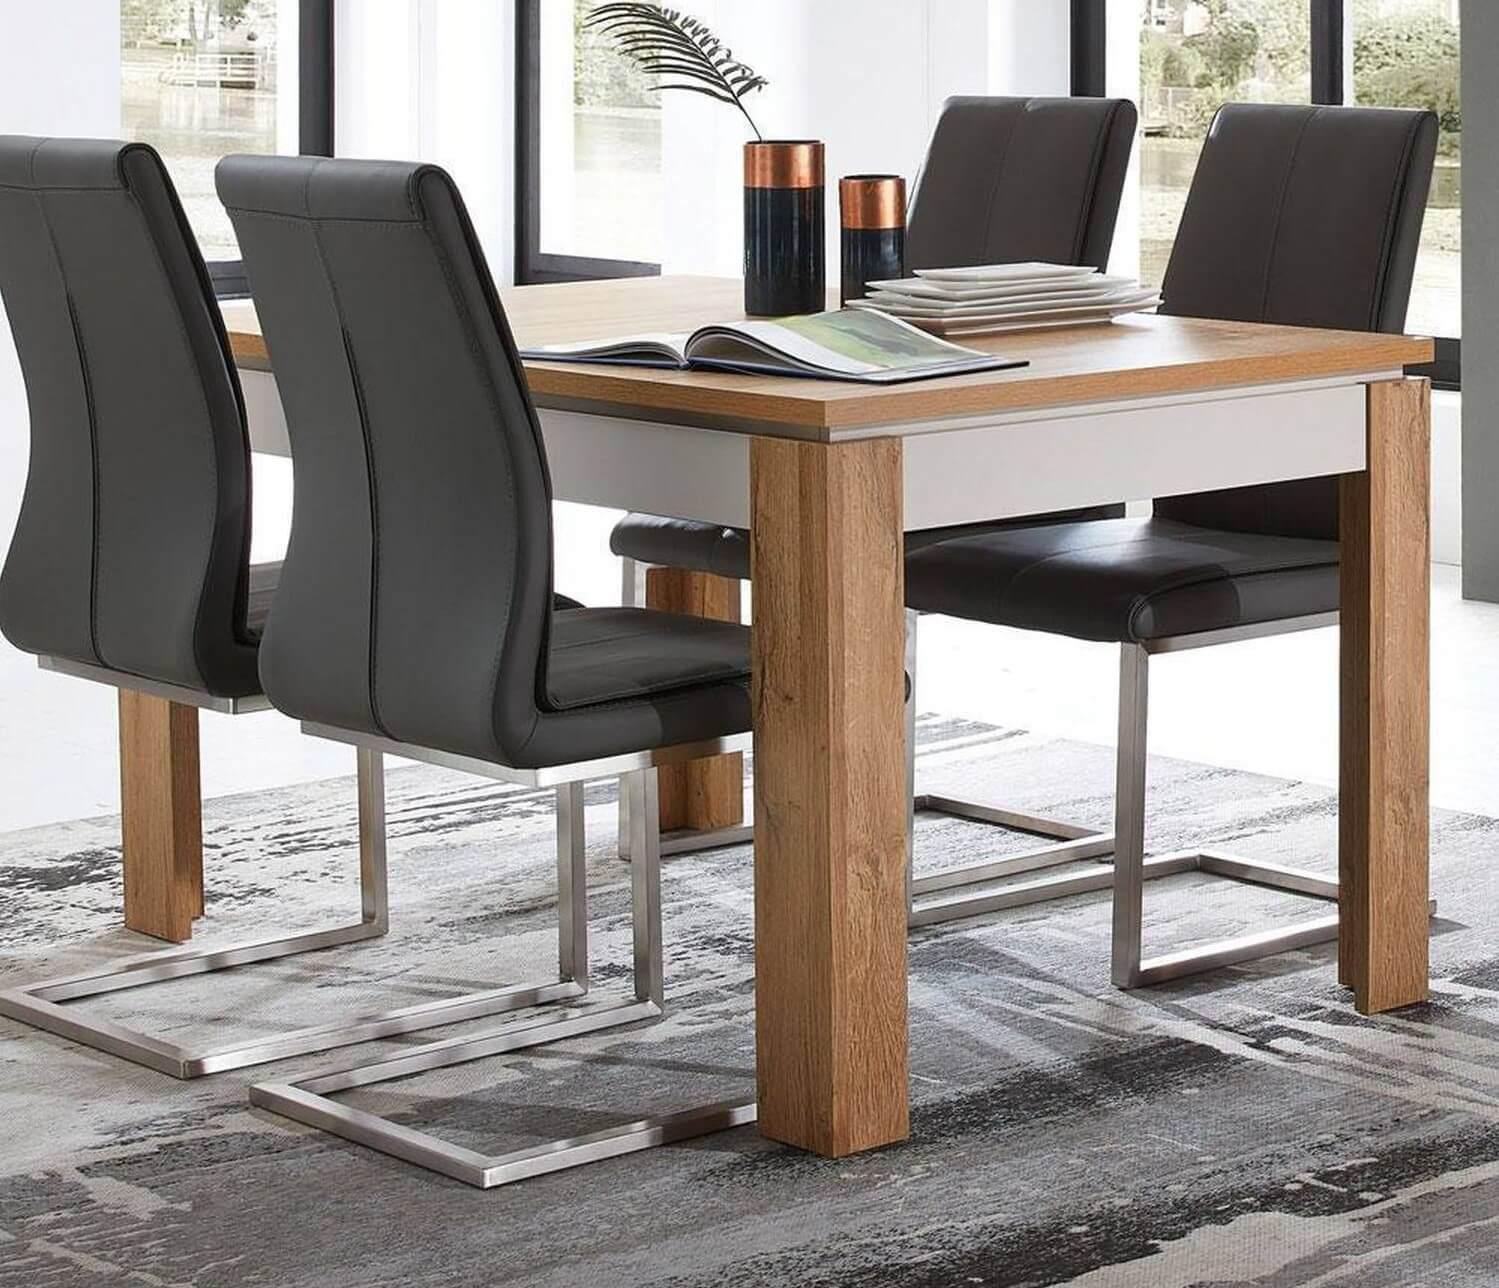 Ausziehbarer Esstisch aus Holz mit Stühlen